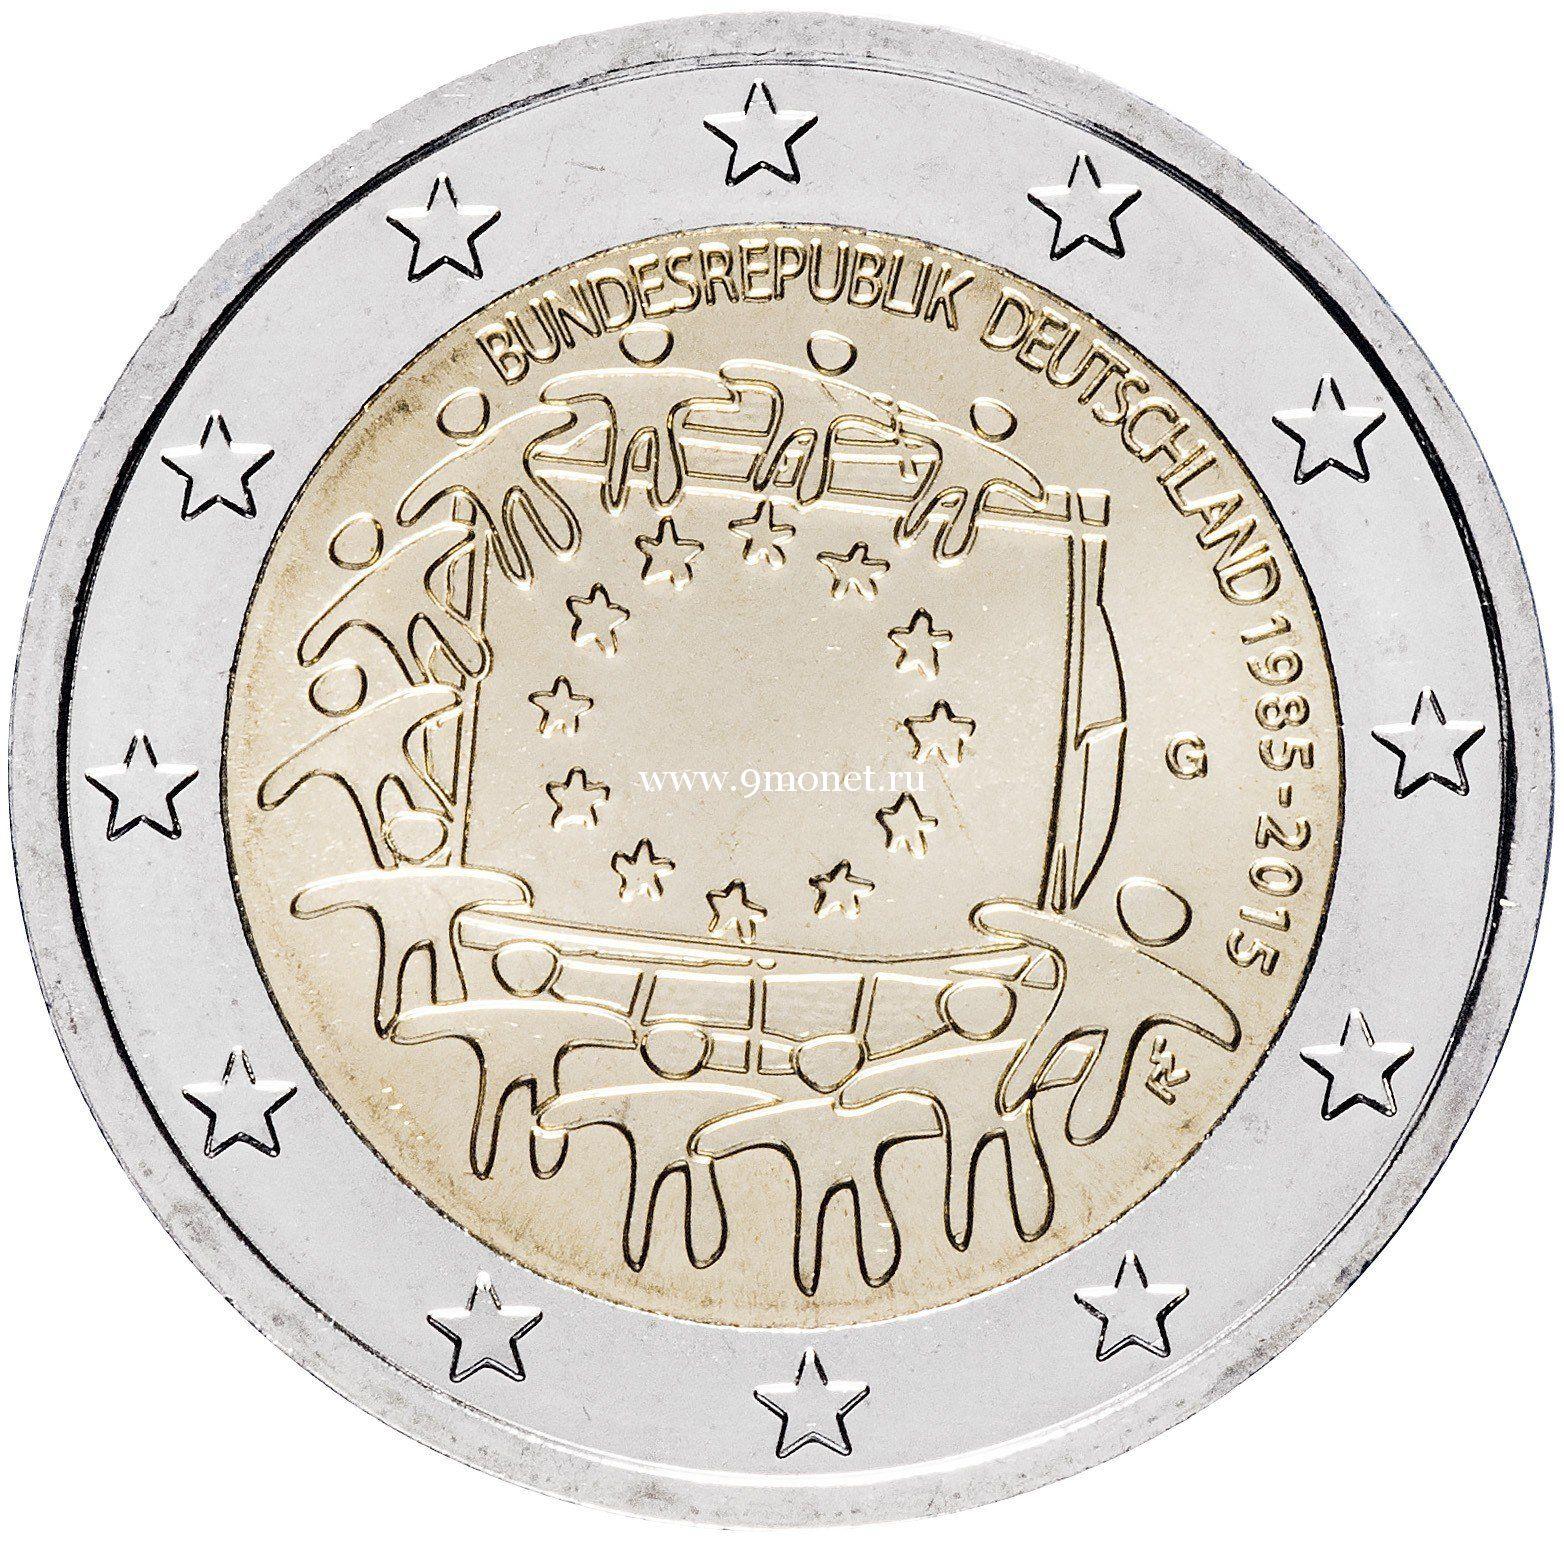 Германия 2 евро 2015 - 30 лет флагу Европы